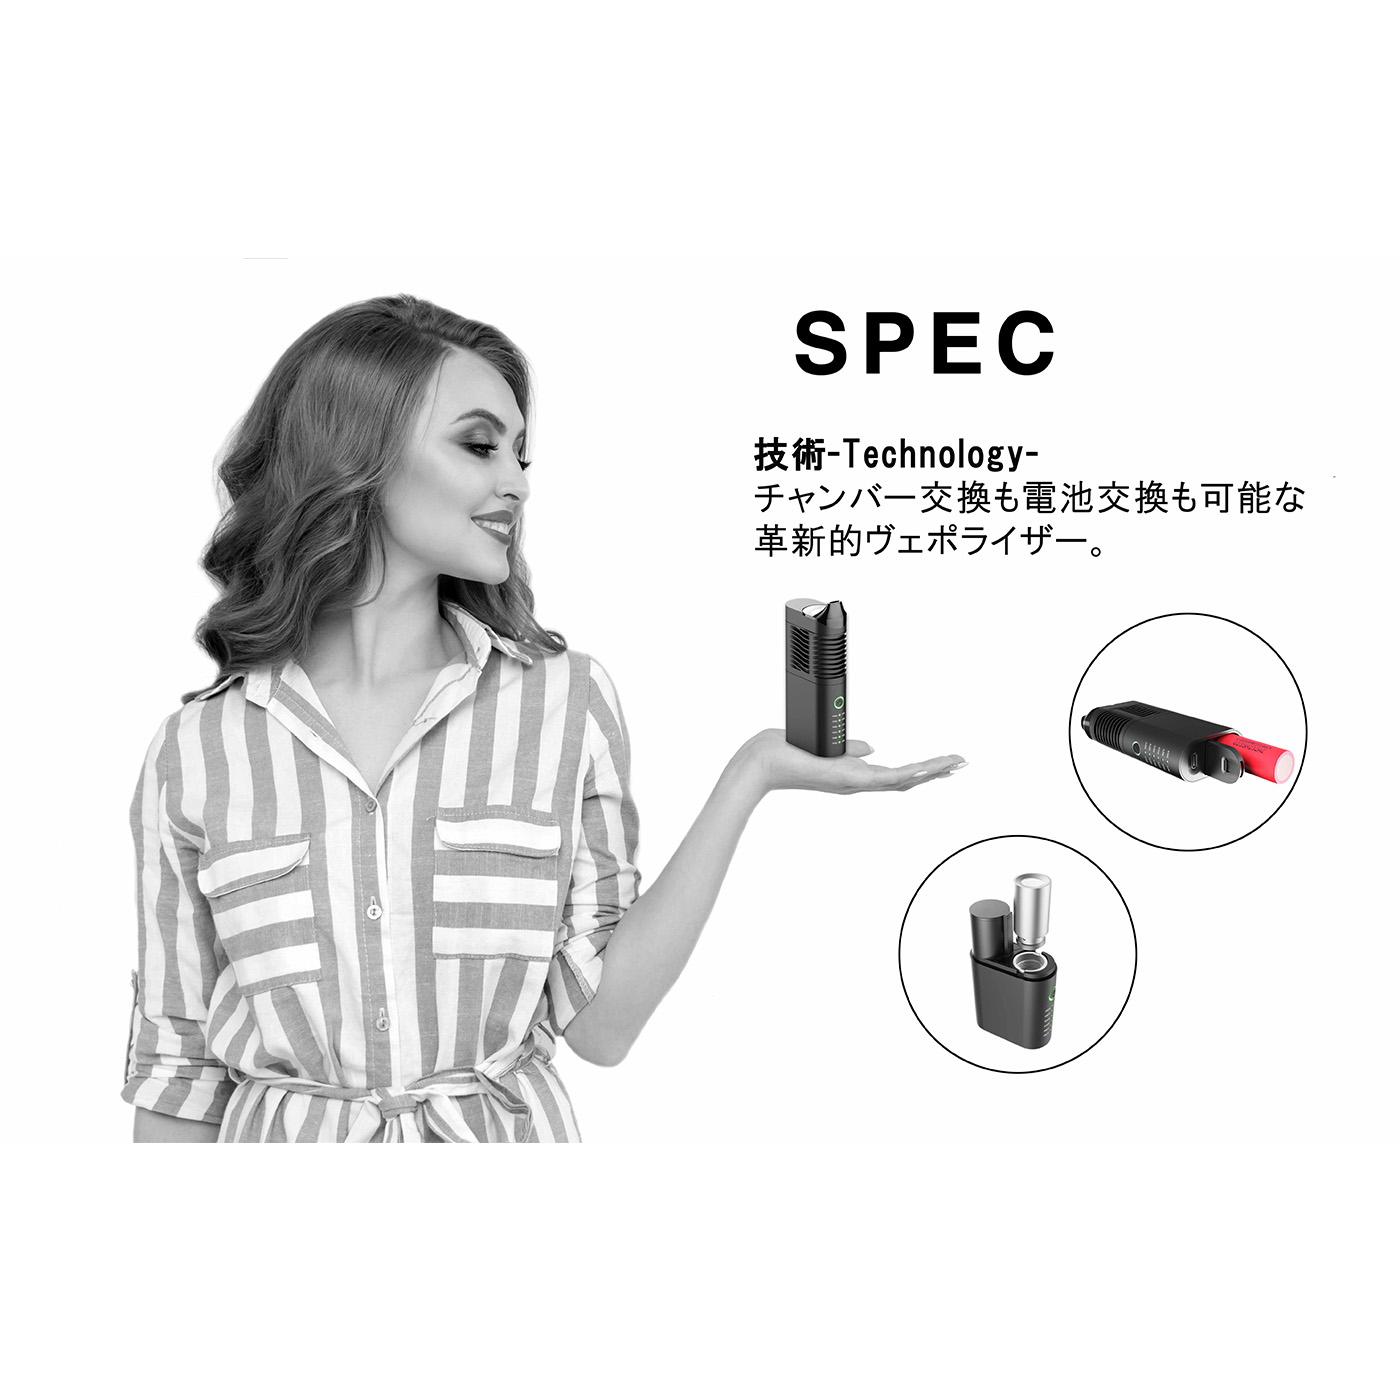 (国内保証3ヶ月付き)日本限定仕様 focusvape SPEC フォーカスベイプ スペック 加熱式タバコ 電子タバコ ヴェポライザー 葉タバコ シャグ 減煙 (ブラック)